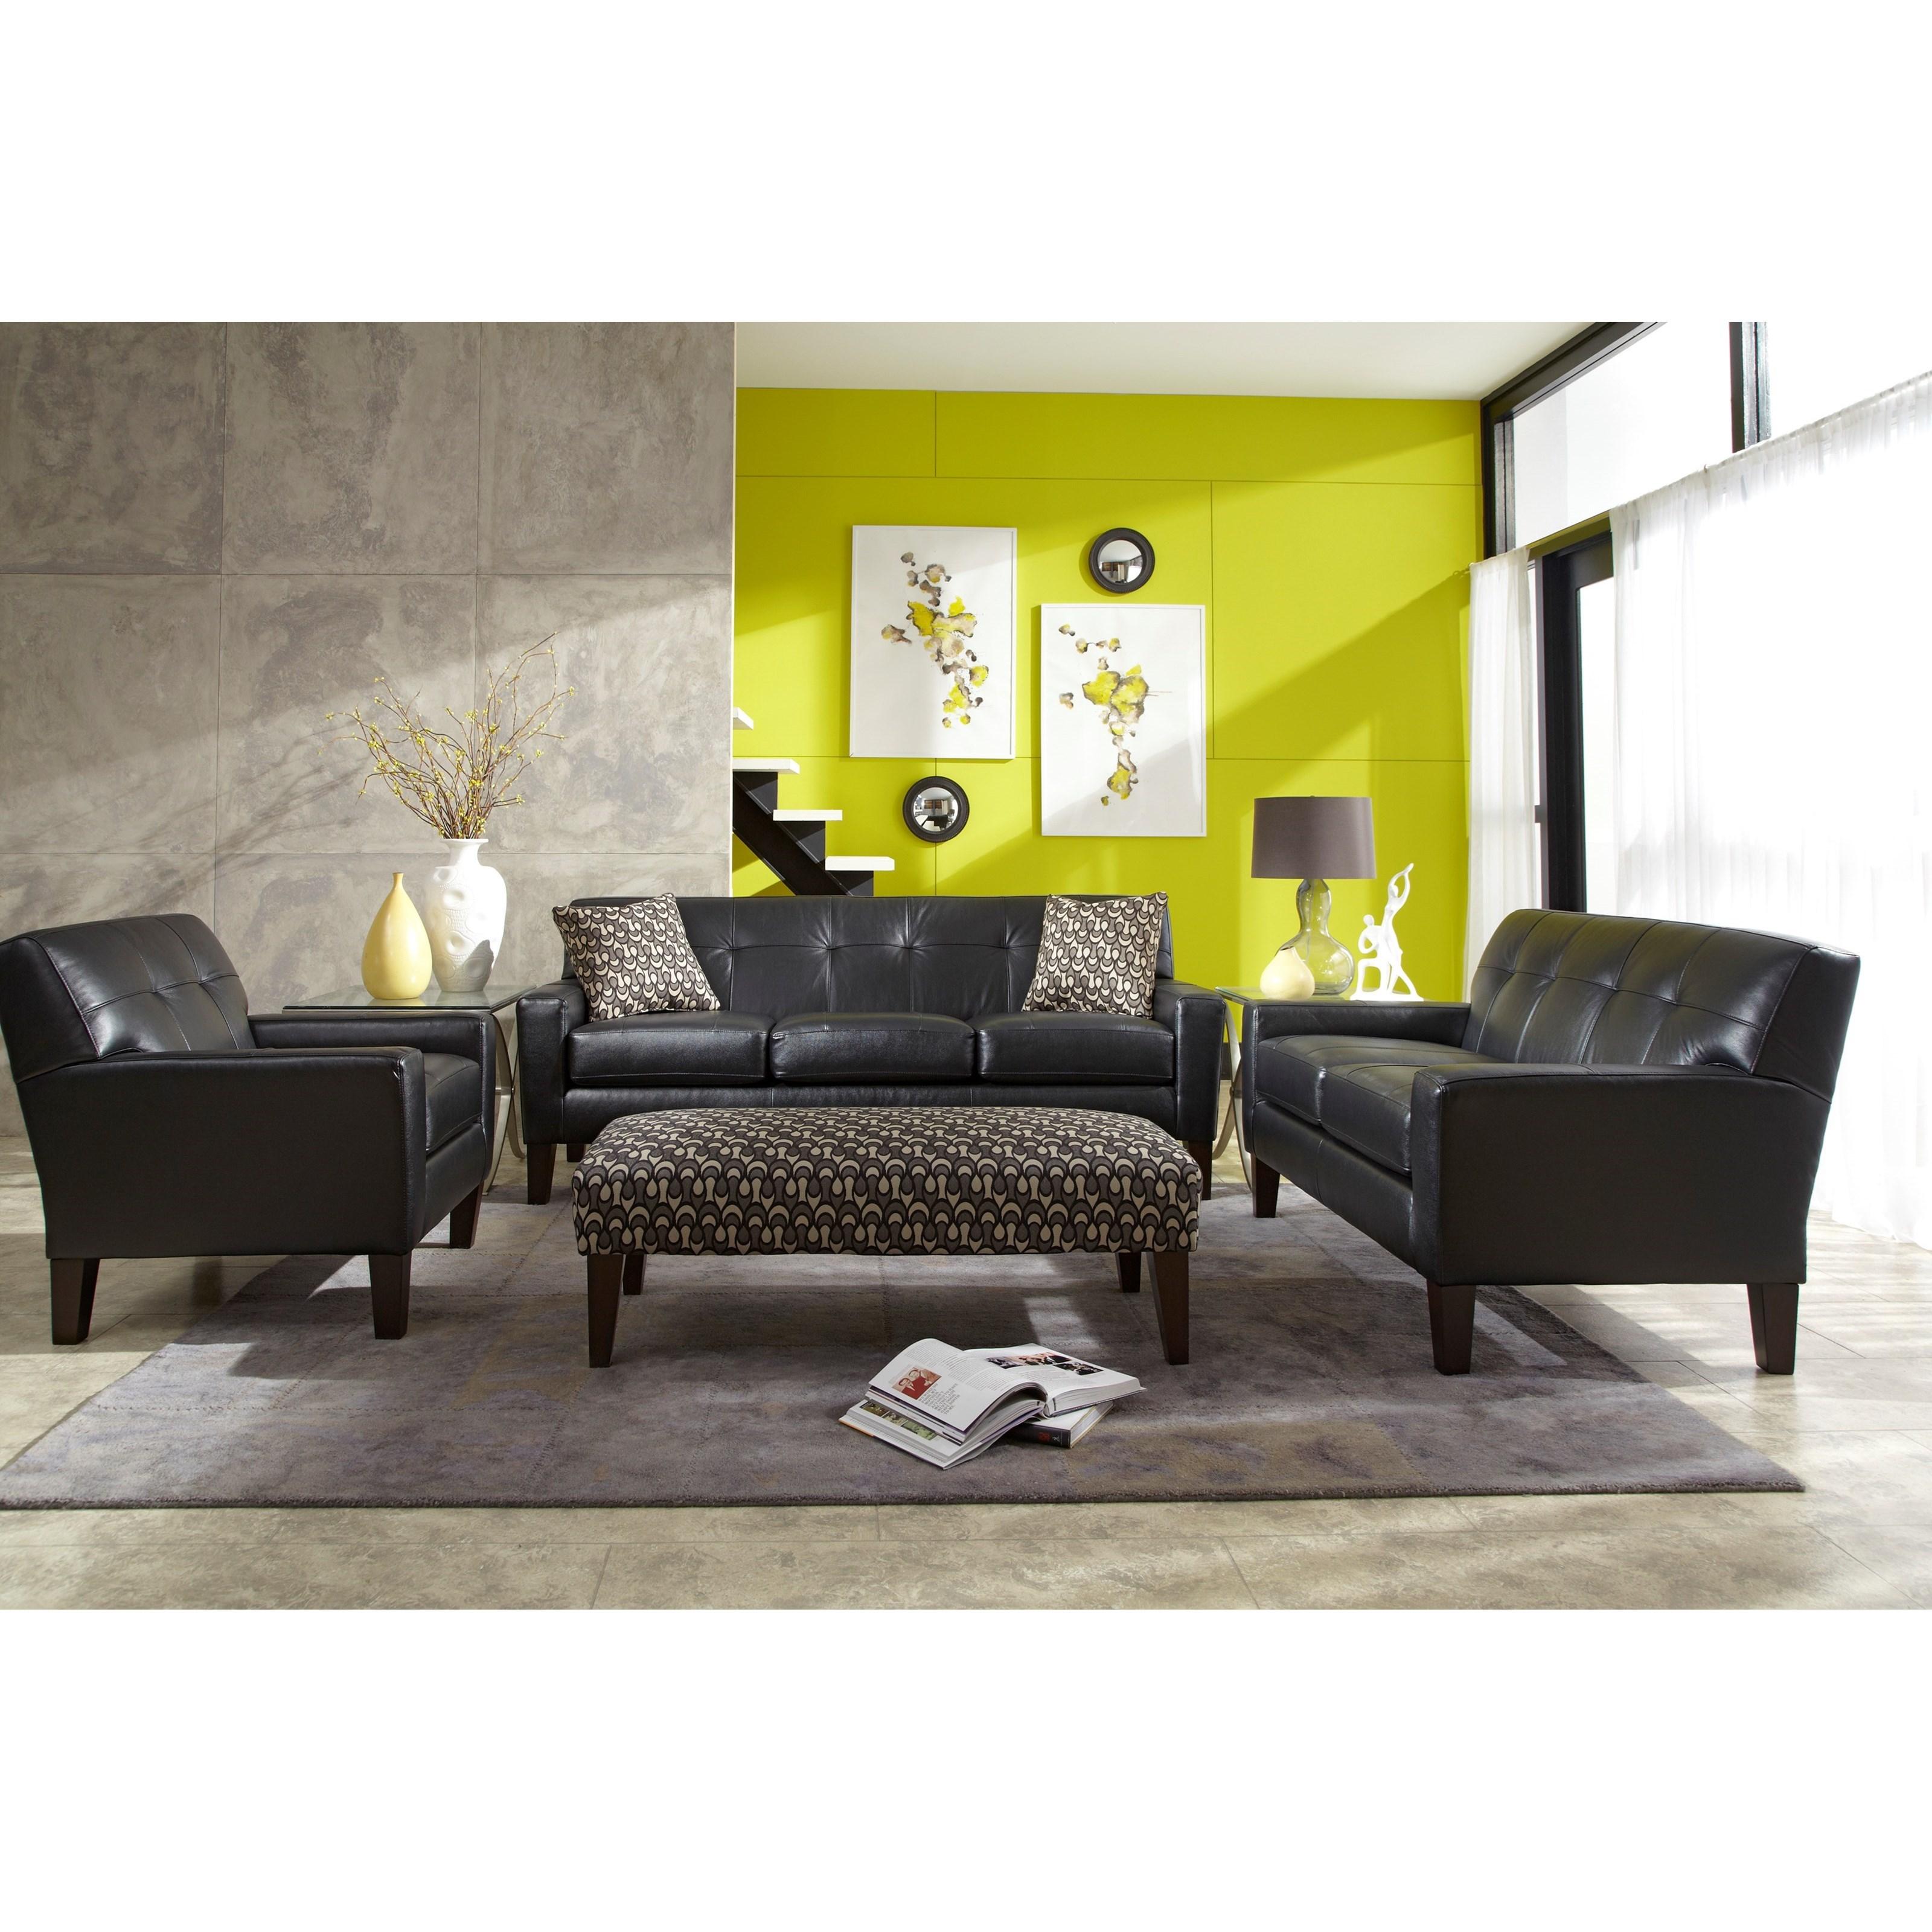 Best Home Furnishings Treynor C78lu Contamporary Club